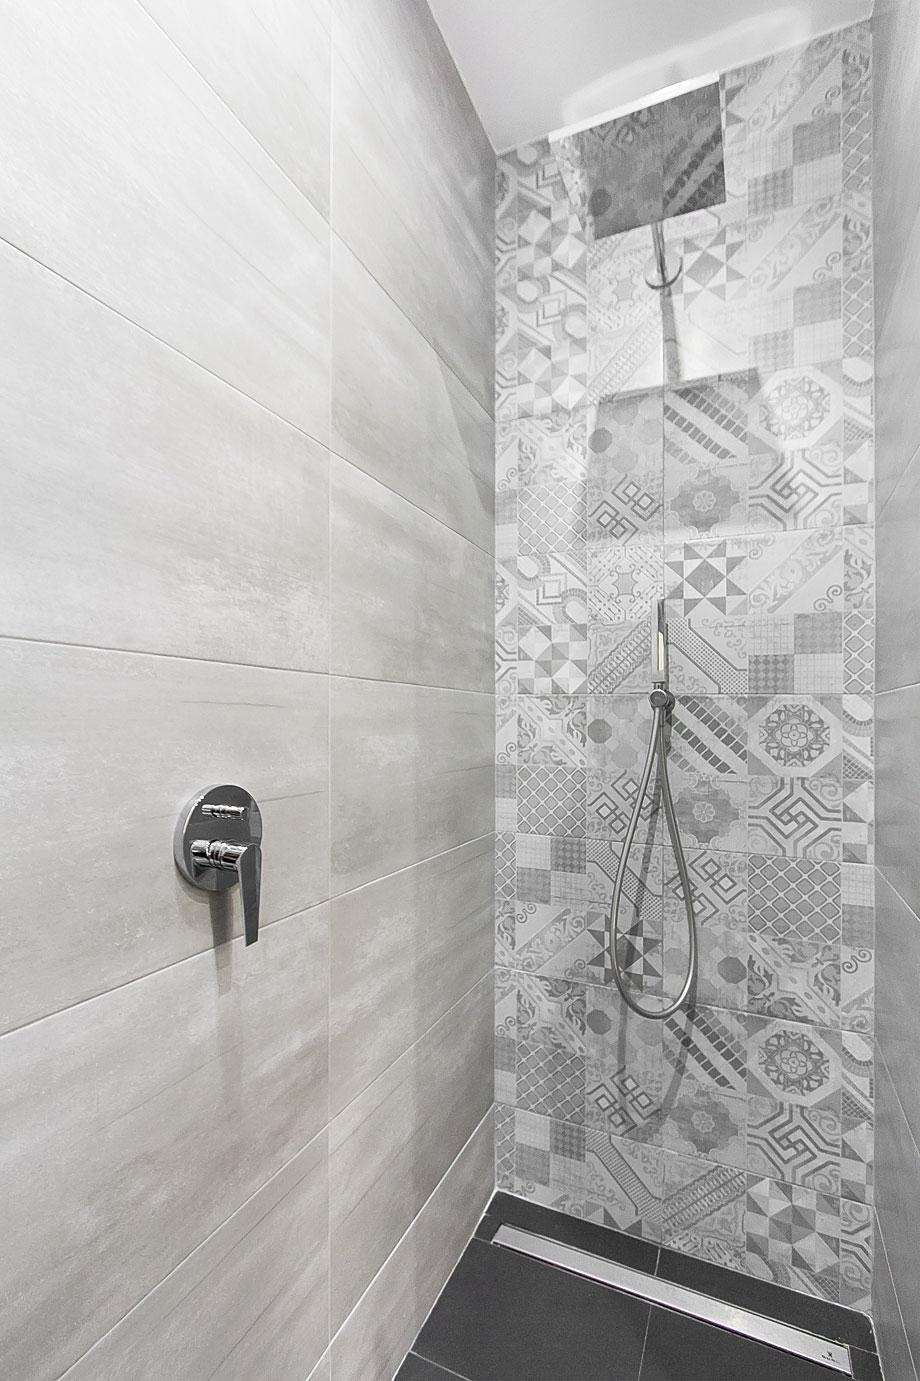 diseño-interior-vivienda-madrid-amasl-estudio-artycocina-santos (27)